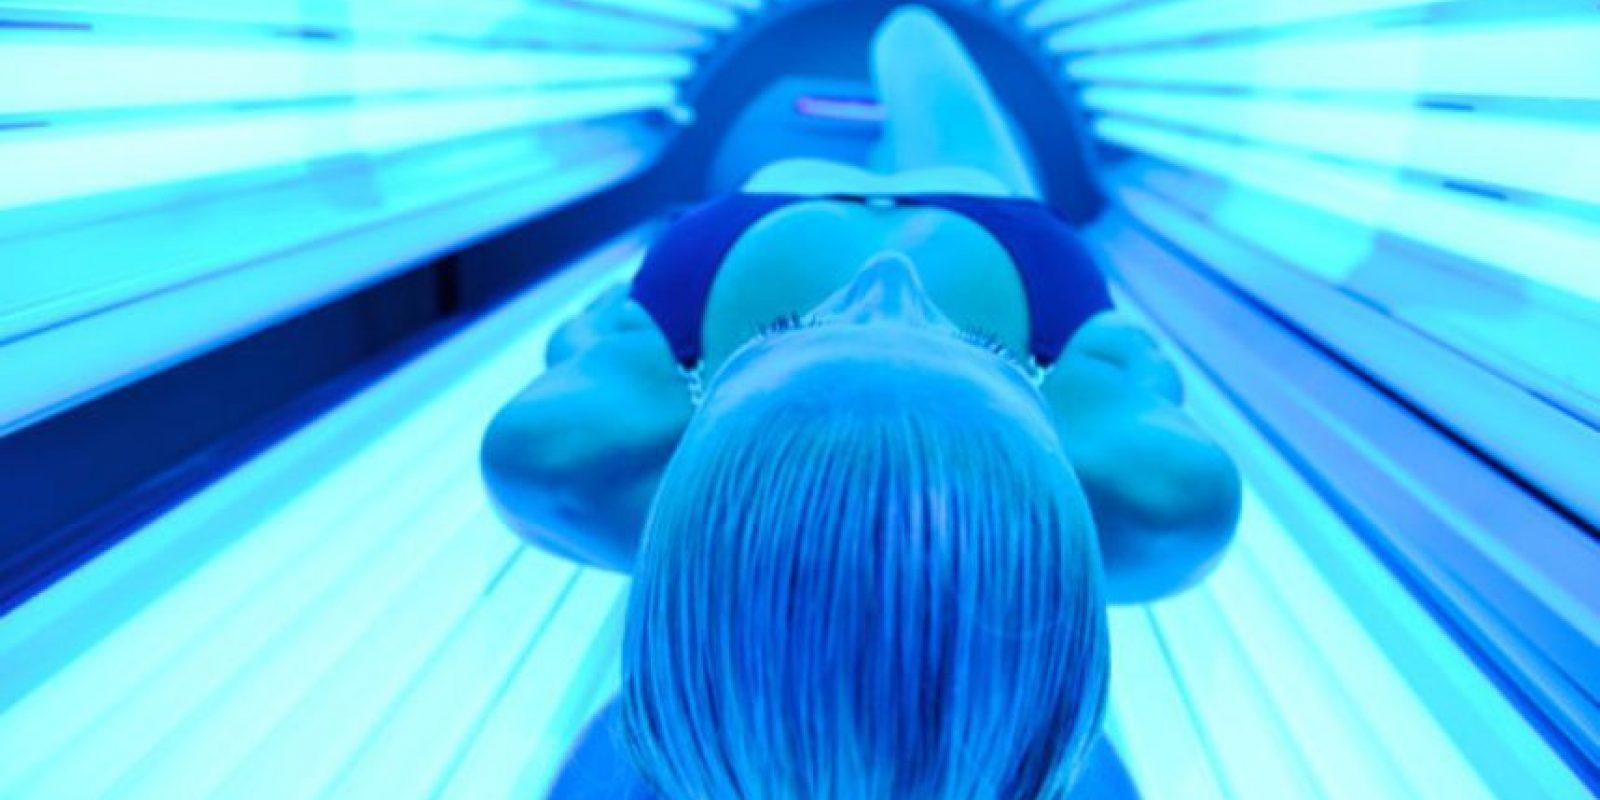 Desde hace varios años se ha advertido sobre las consecuencias que puede traer el abuso de la cámara de bronceado y del sol. Lo que puede provocar el cáncer de piel. Foto:vía Getty Images